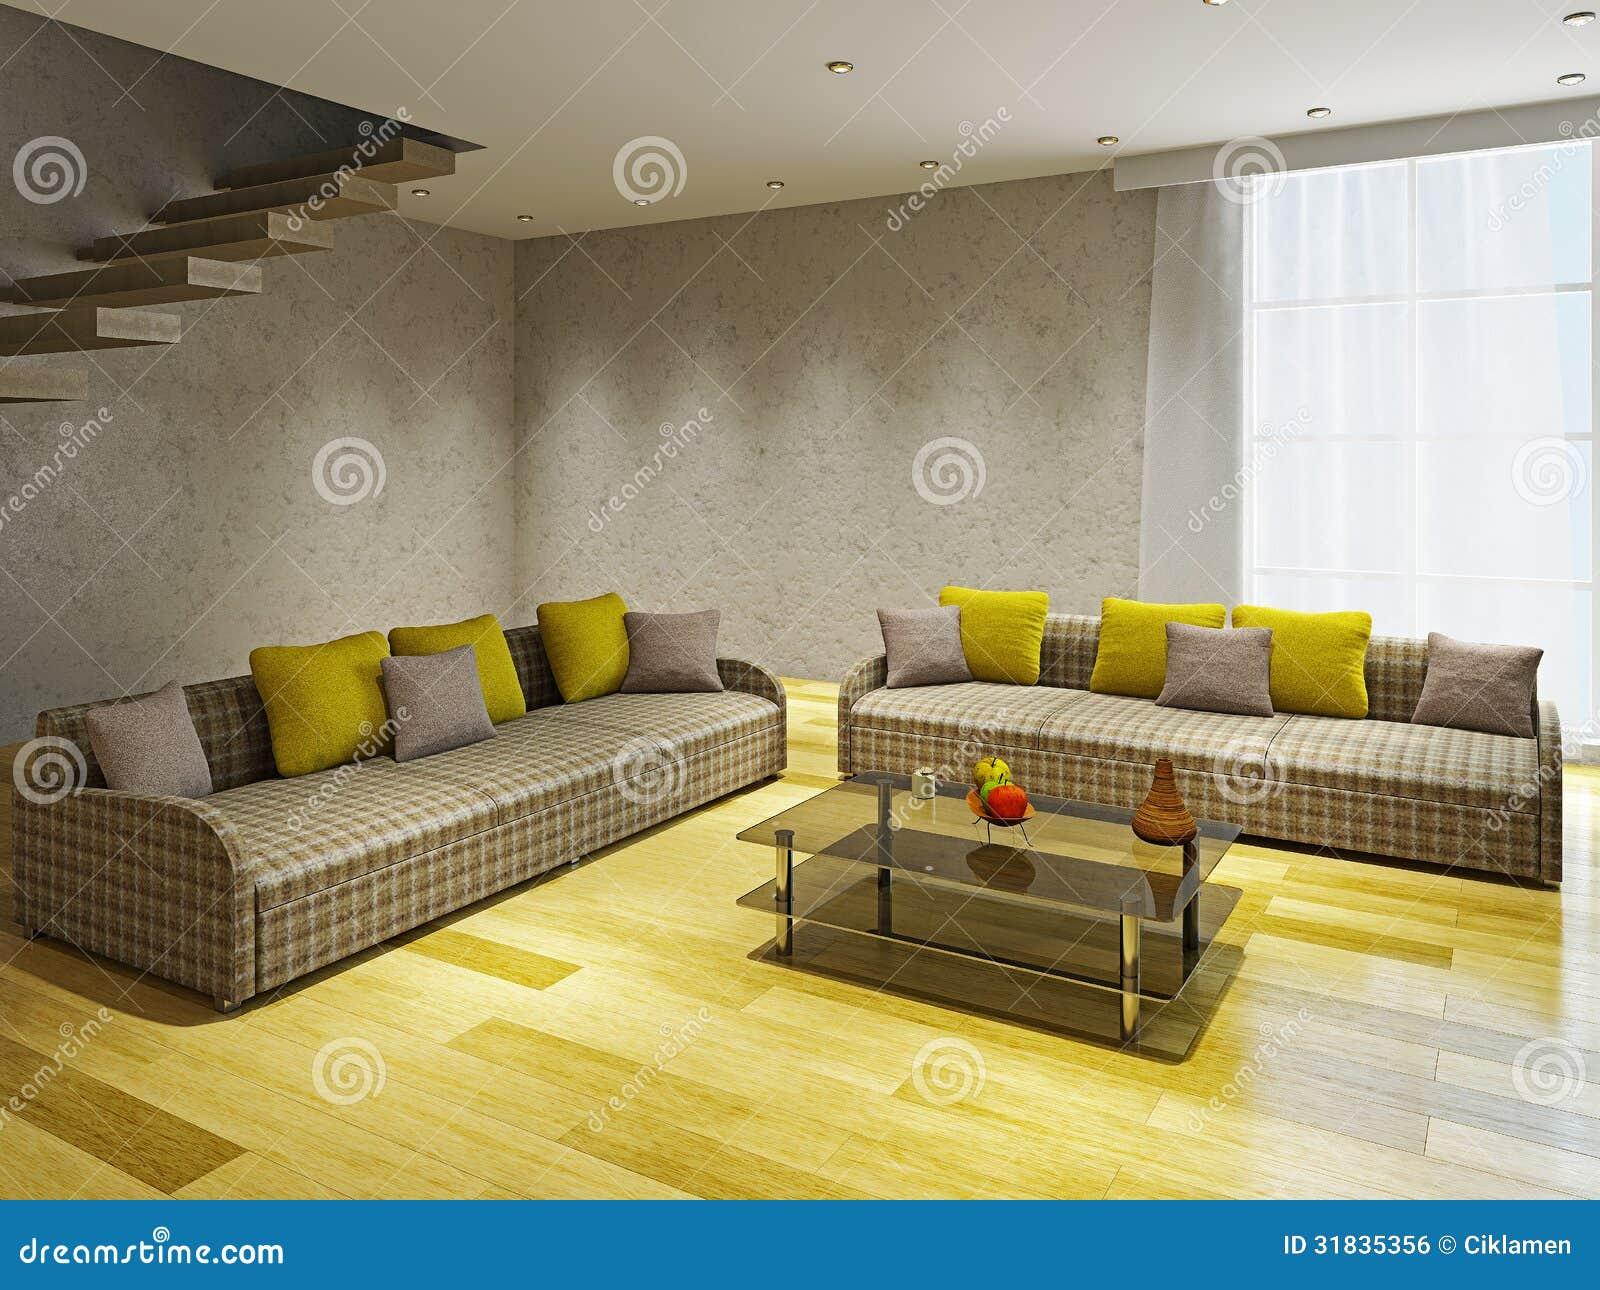 Wohnzimmer zwei sofas ~ brimob.com for .